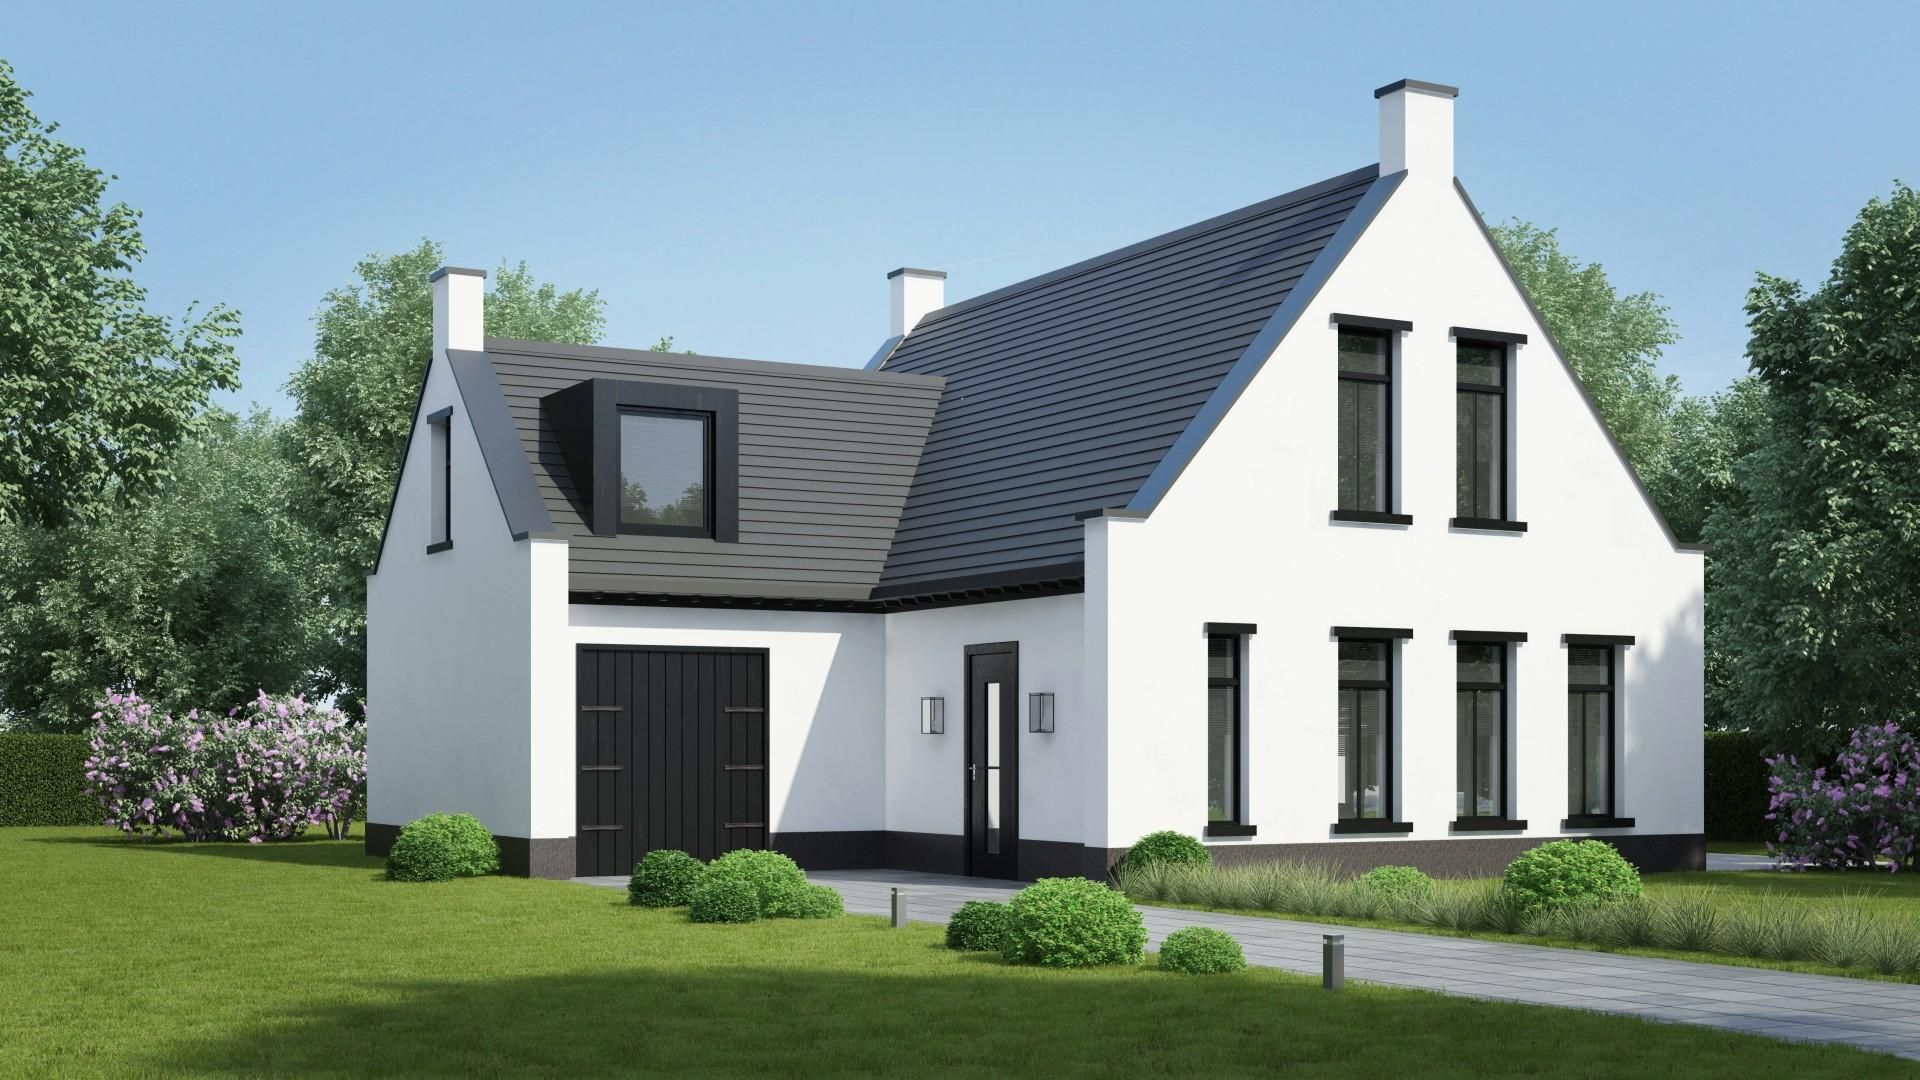 Groothuisbouw google zoeken huizen pinterest house house